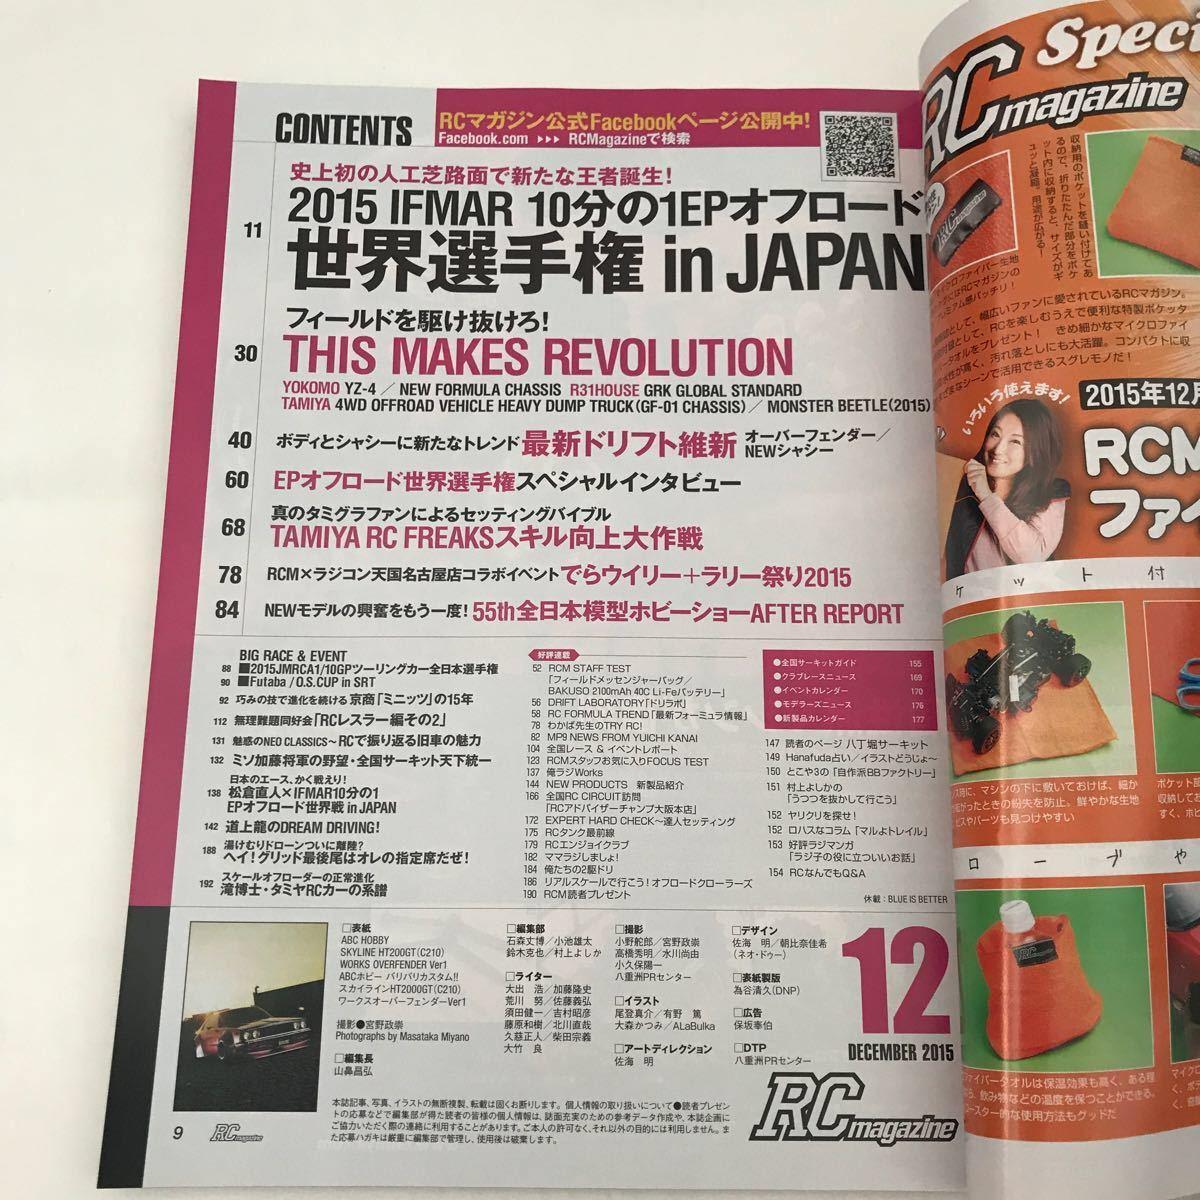 ラジコン マガジン 2015年12月 本 雑誌 月刊 RC ドリフト オフロード 世界選手権 ラリー ホビー ショー 模型 決戦